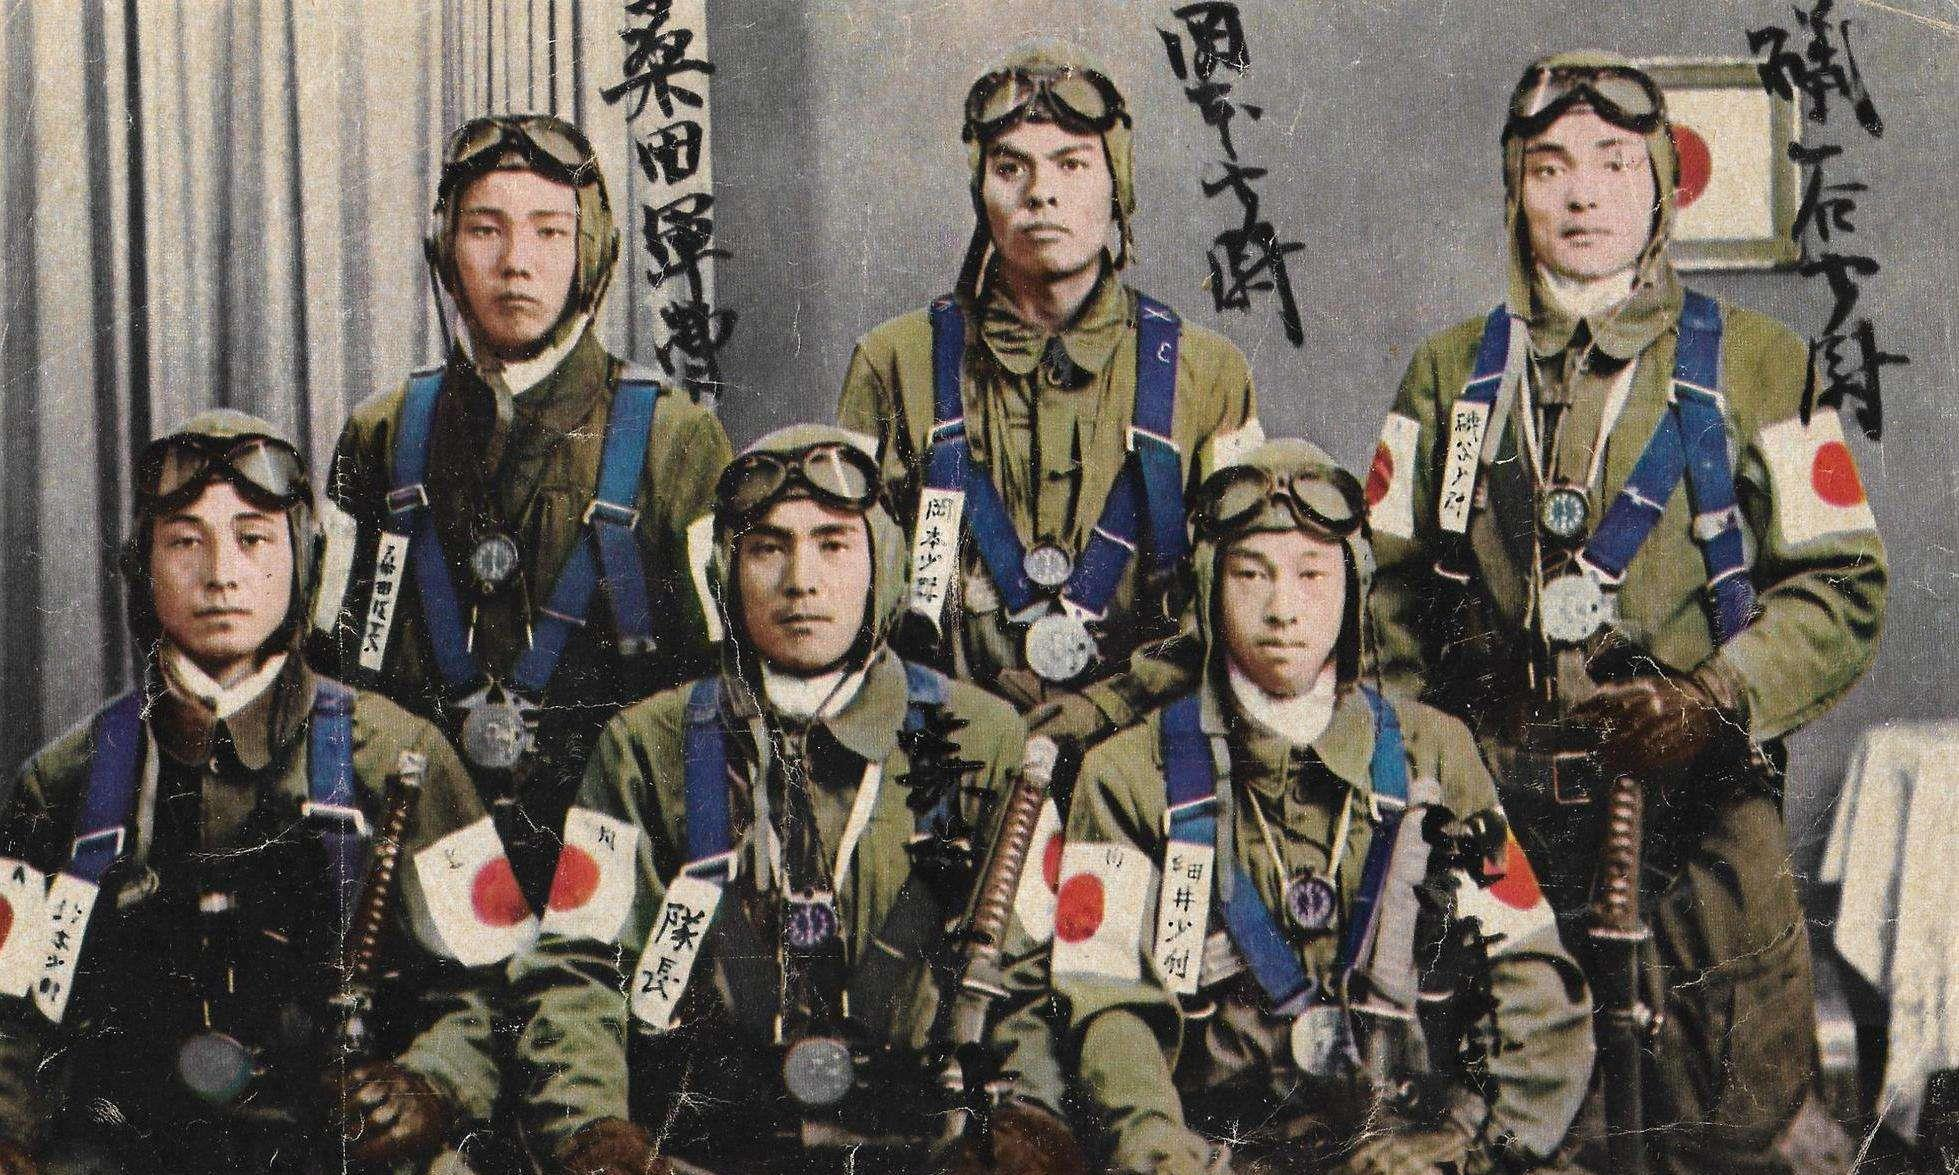 日本人一边广播着美日友好,一边炸了珍珠港!大兵们睡梦中横死